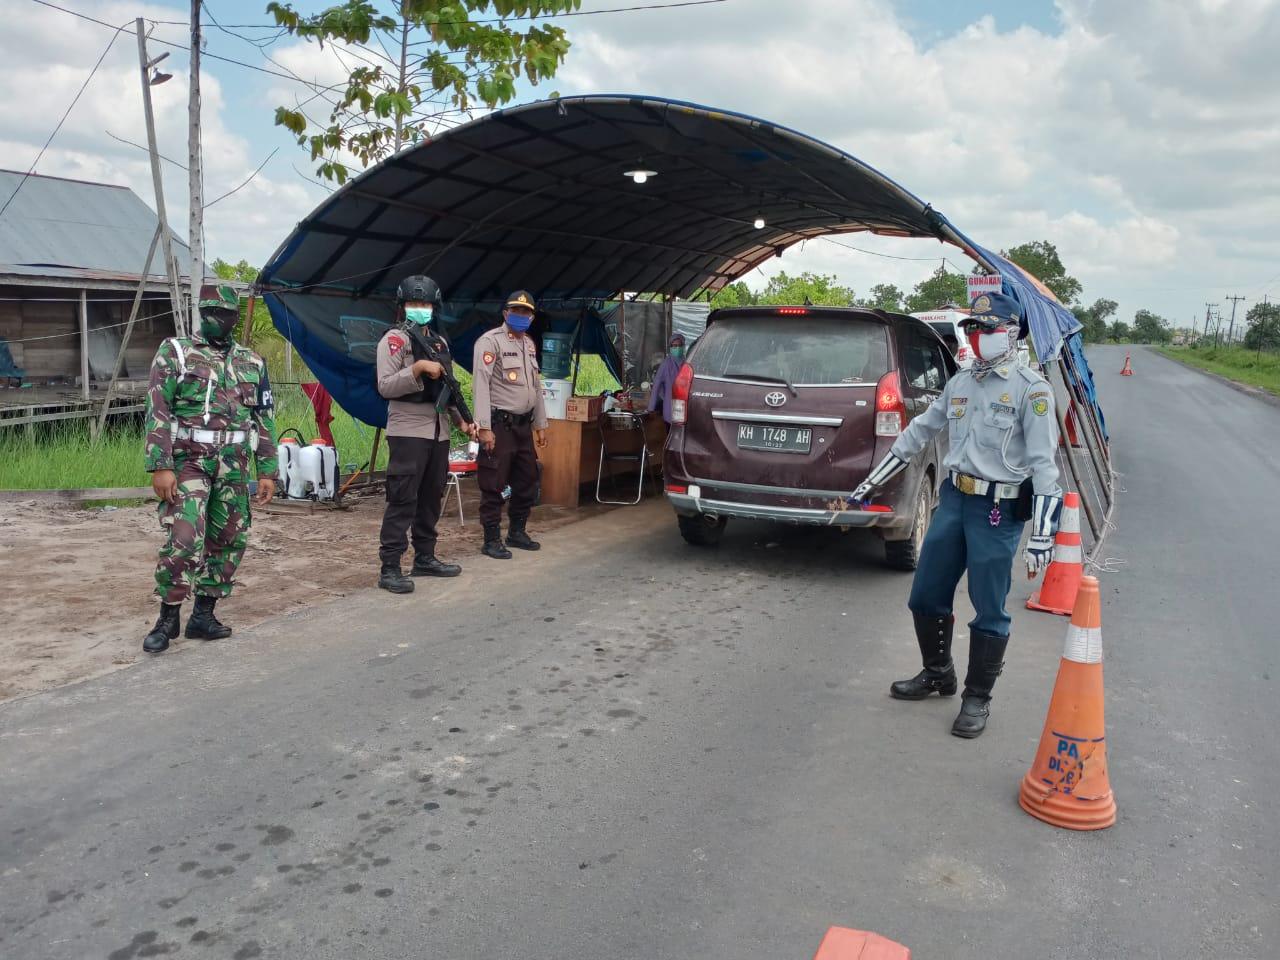 Cegah Penyebaran Covid-19, Posko Libas Kalampangan Perketat Jalur Keluar dan Masuk Kota Palangka Raya